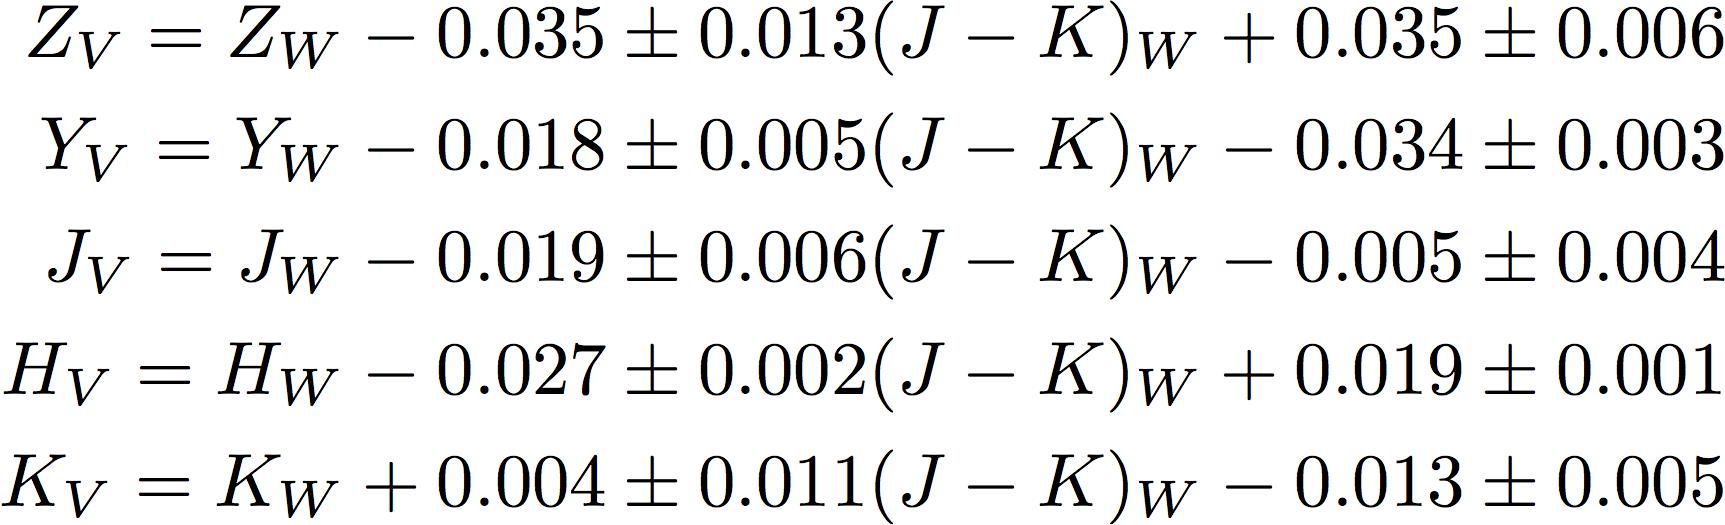 New VISTA-WFCAM equations